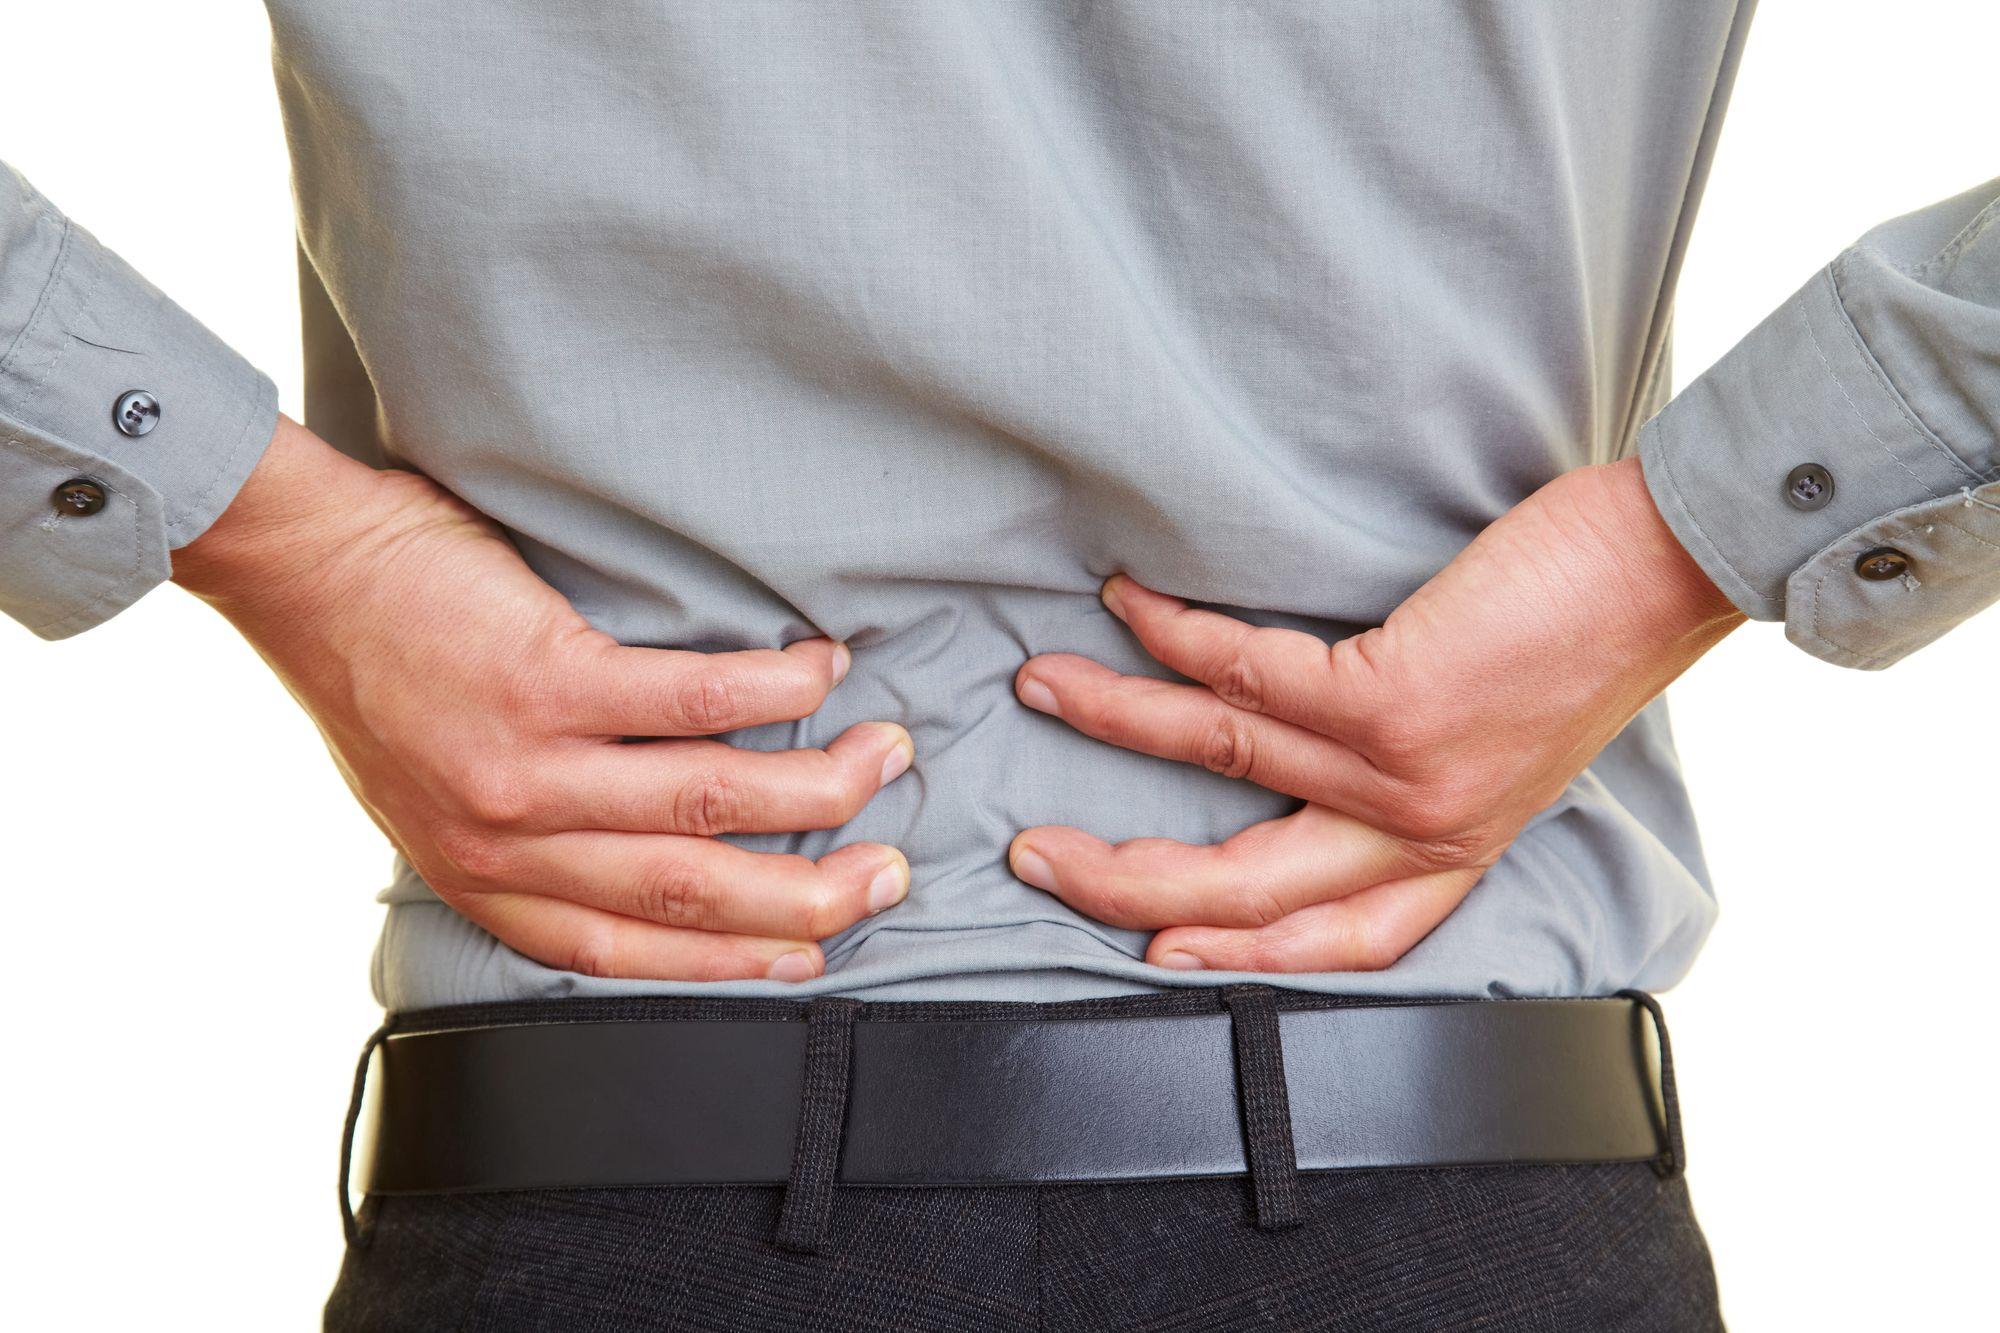 Pain Management Compounding